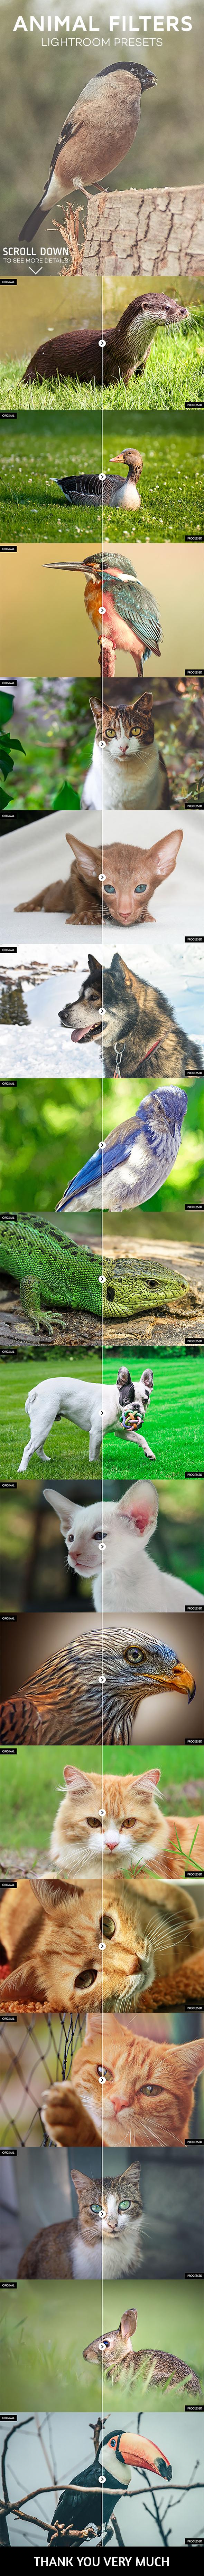 17 Animal Photography Lightroom Presets - Lightroom Presets Add-ons